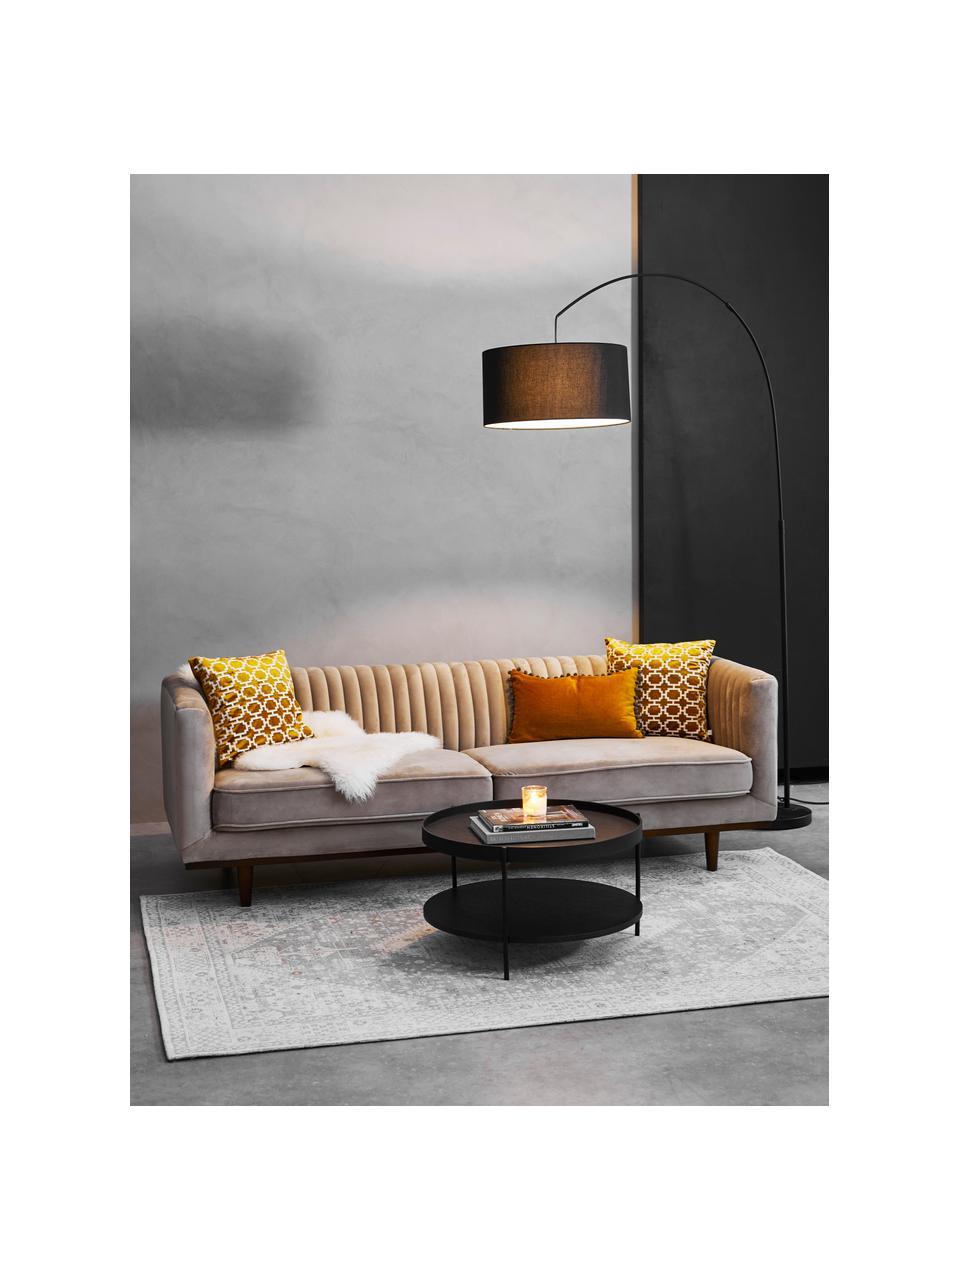 Samt-Sofa Dante (3-Sitzer) in Beige mit Holz-Füßen, Bezug: Polyestersamt, Gestell: Kautschukbaumholz, klarla, Samt Beige, B 210 x T 87 cm